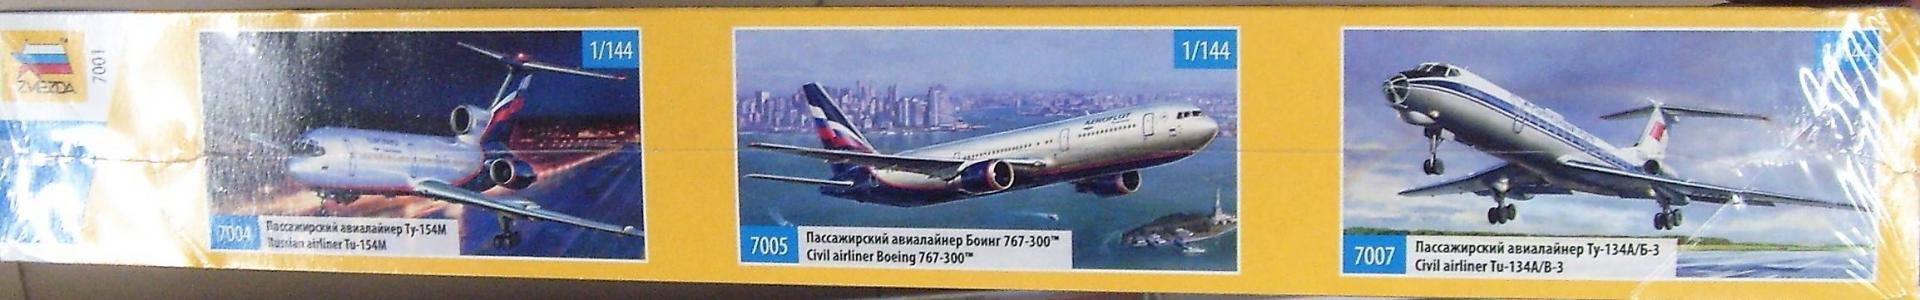 Иллюстрация 4 из 8 для Советский пассажирский авиалайнер Ил-86 (М:1/144) 7001П | Лабиринт - игрушки. Источник: Соловьев  Владимир